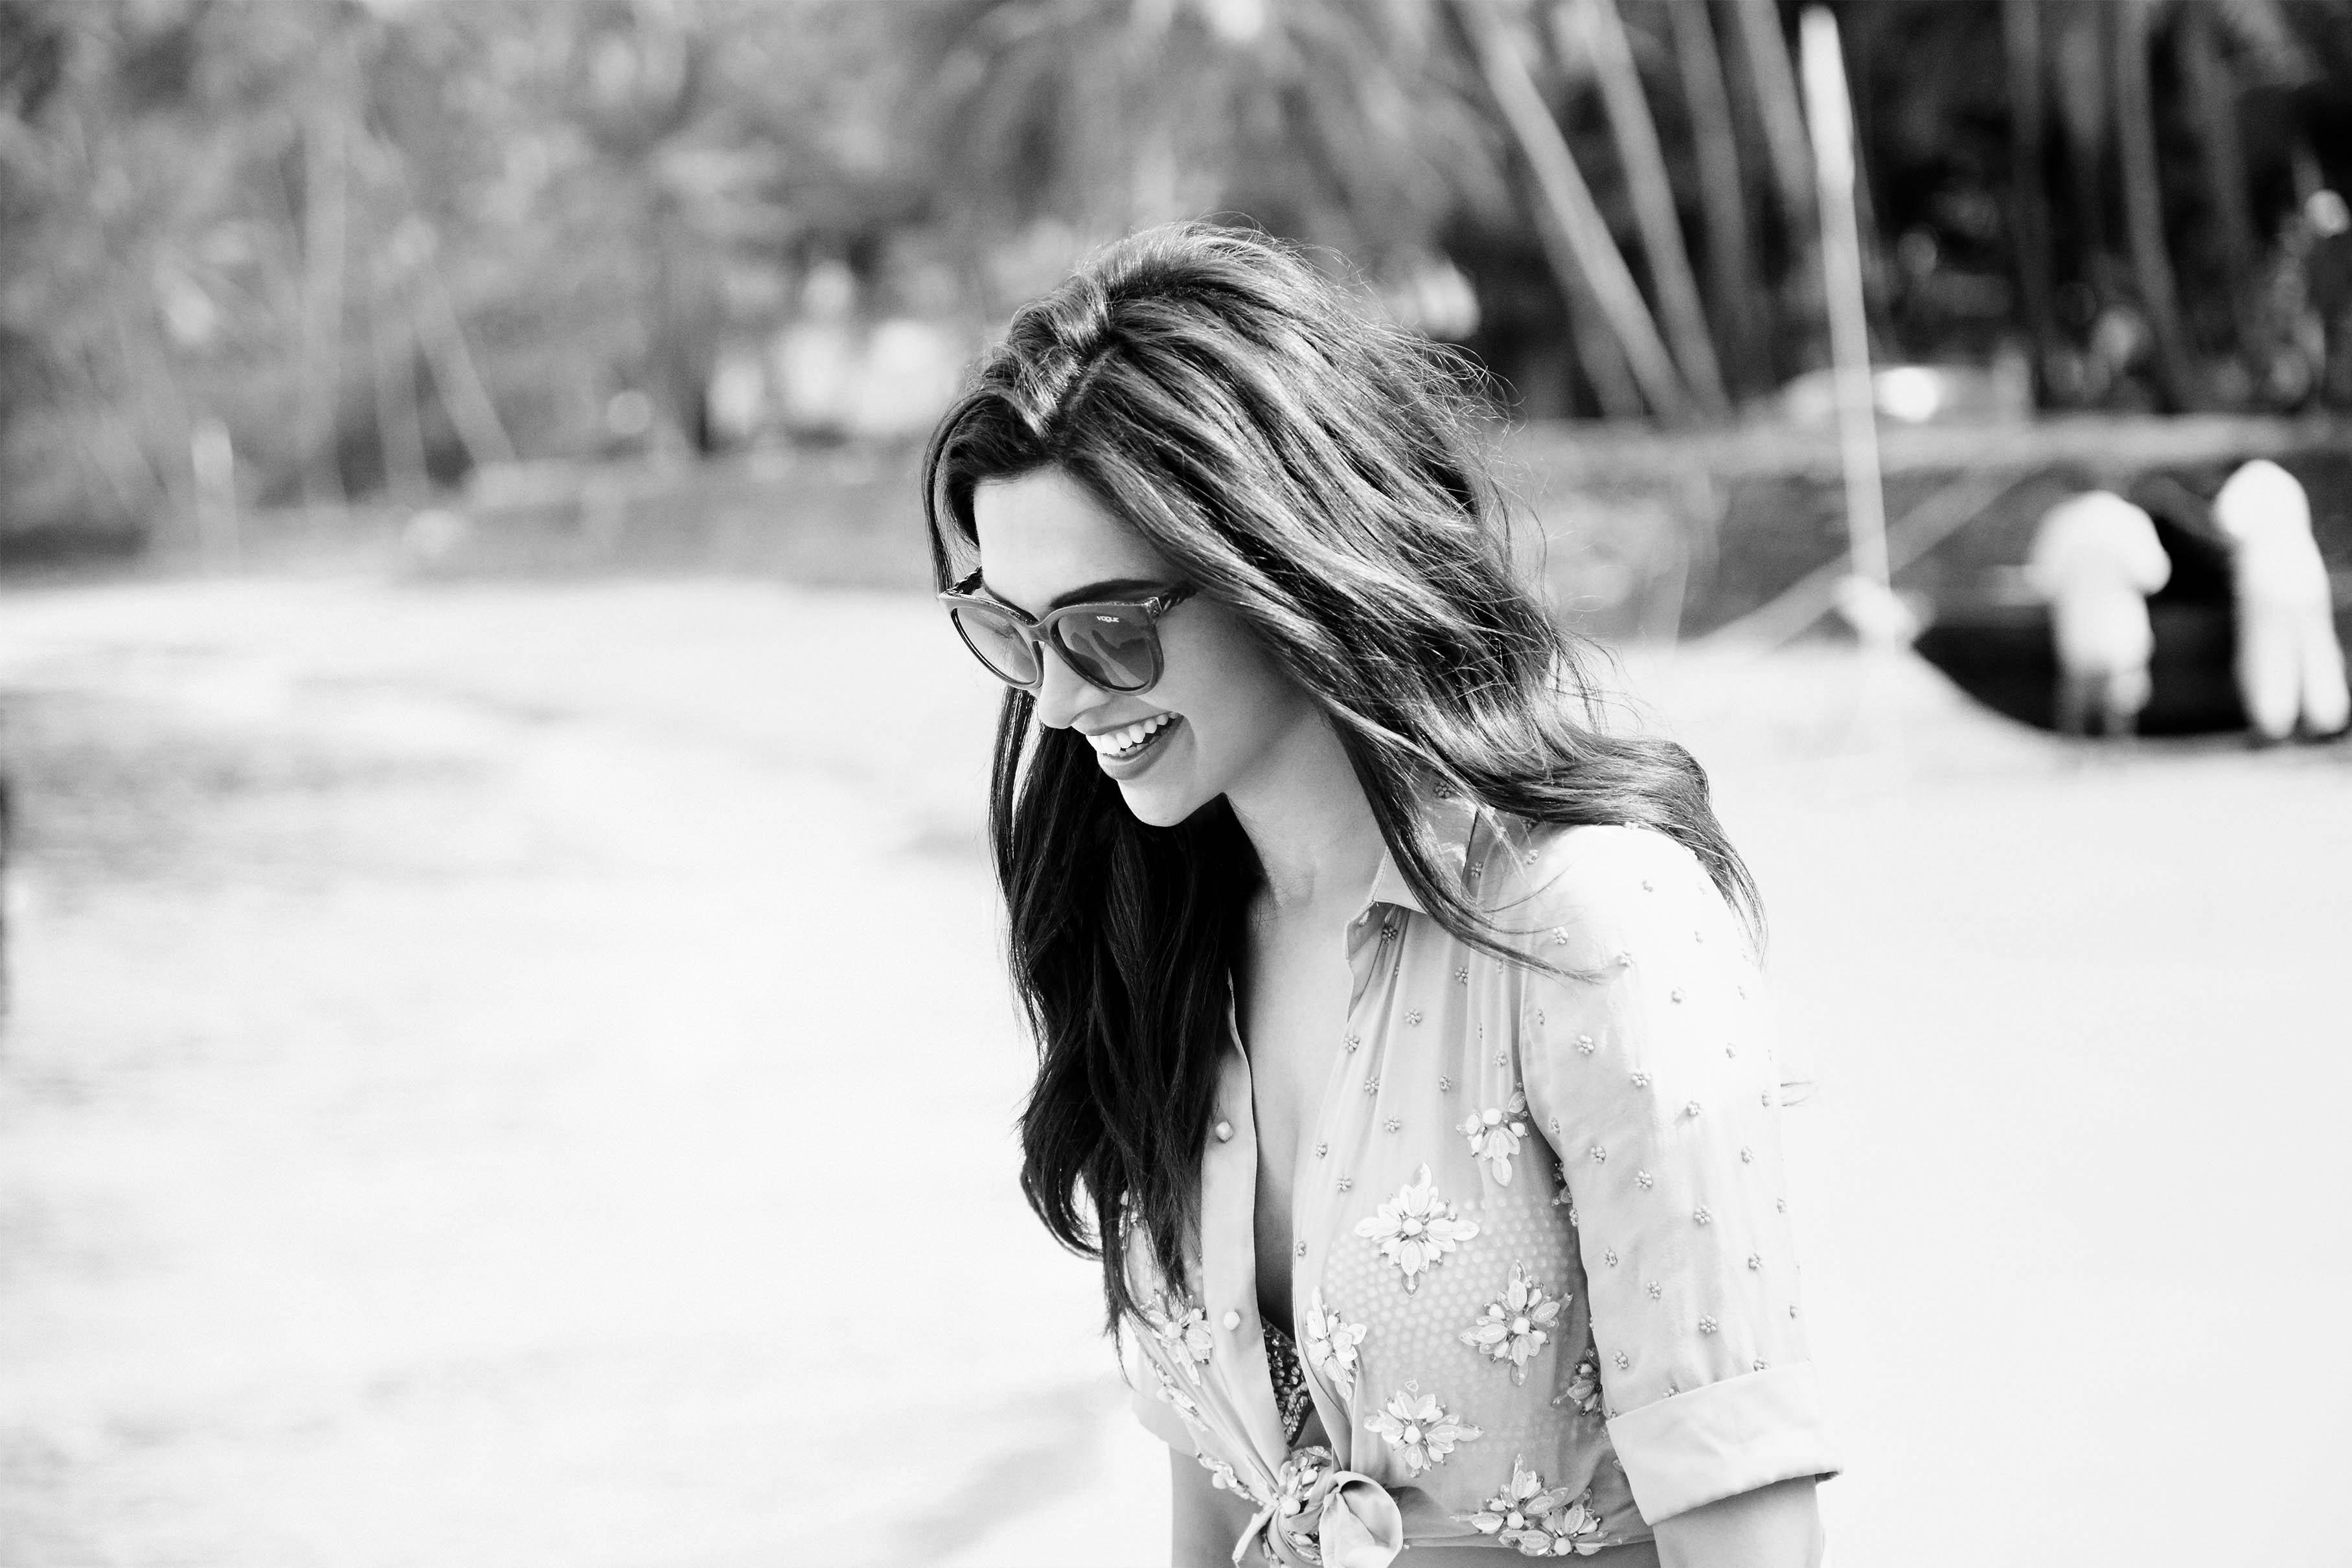 Vogue Eyewear_Deepika Padukone_bw